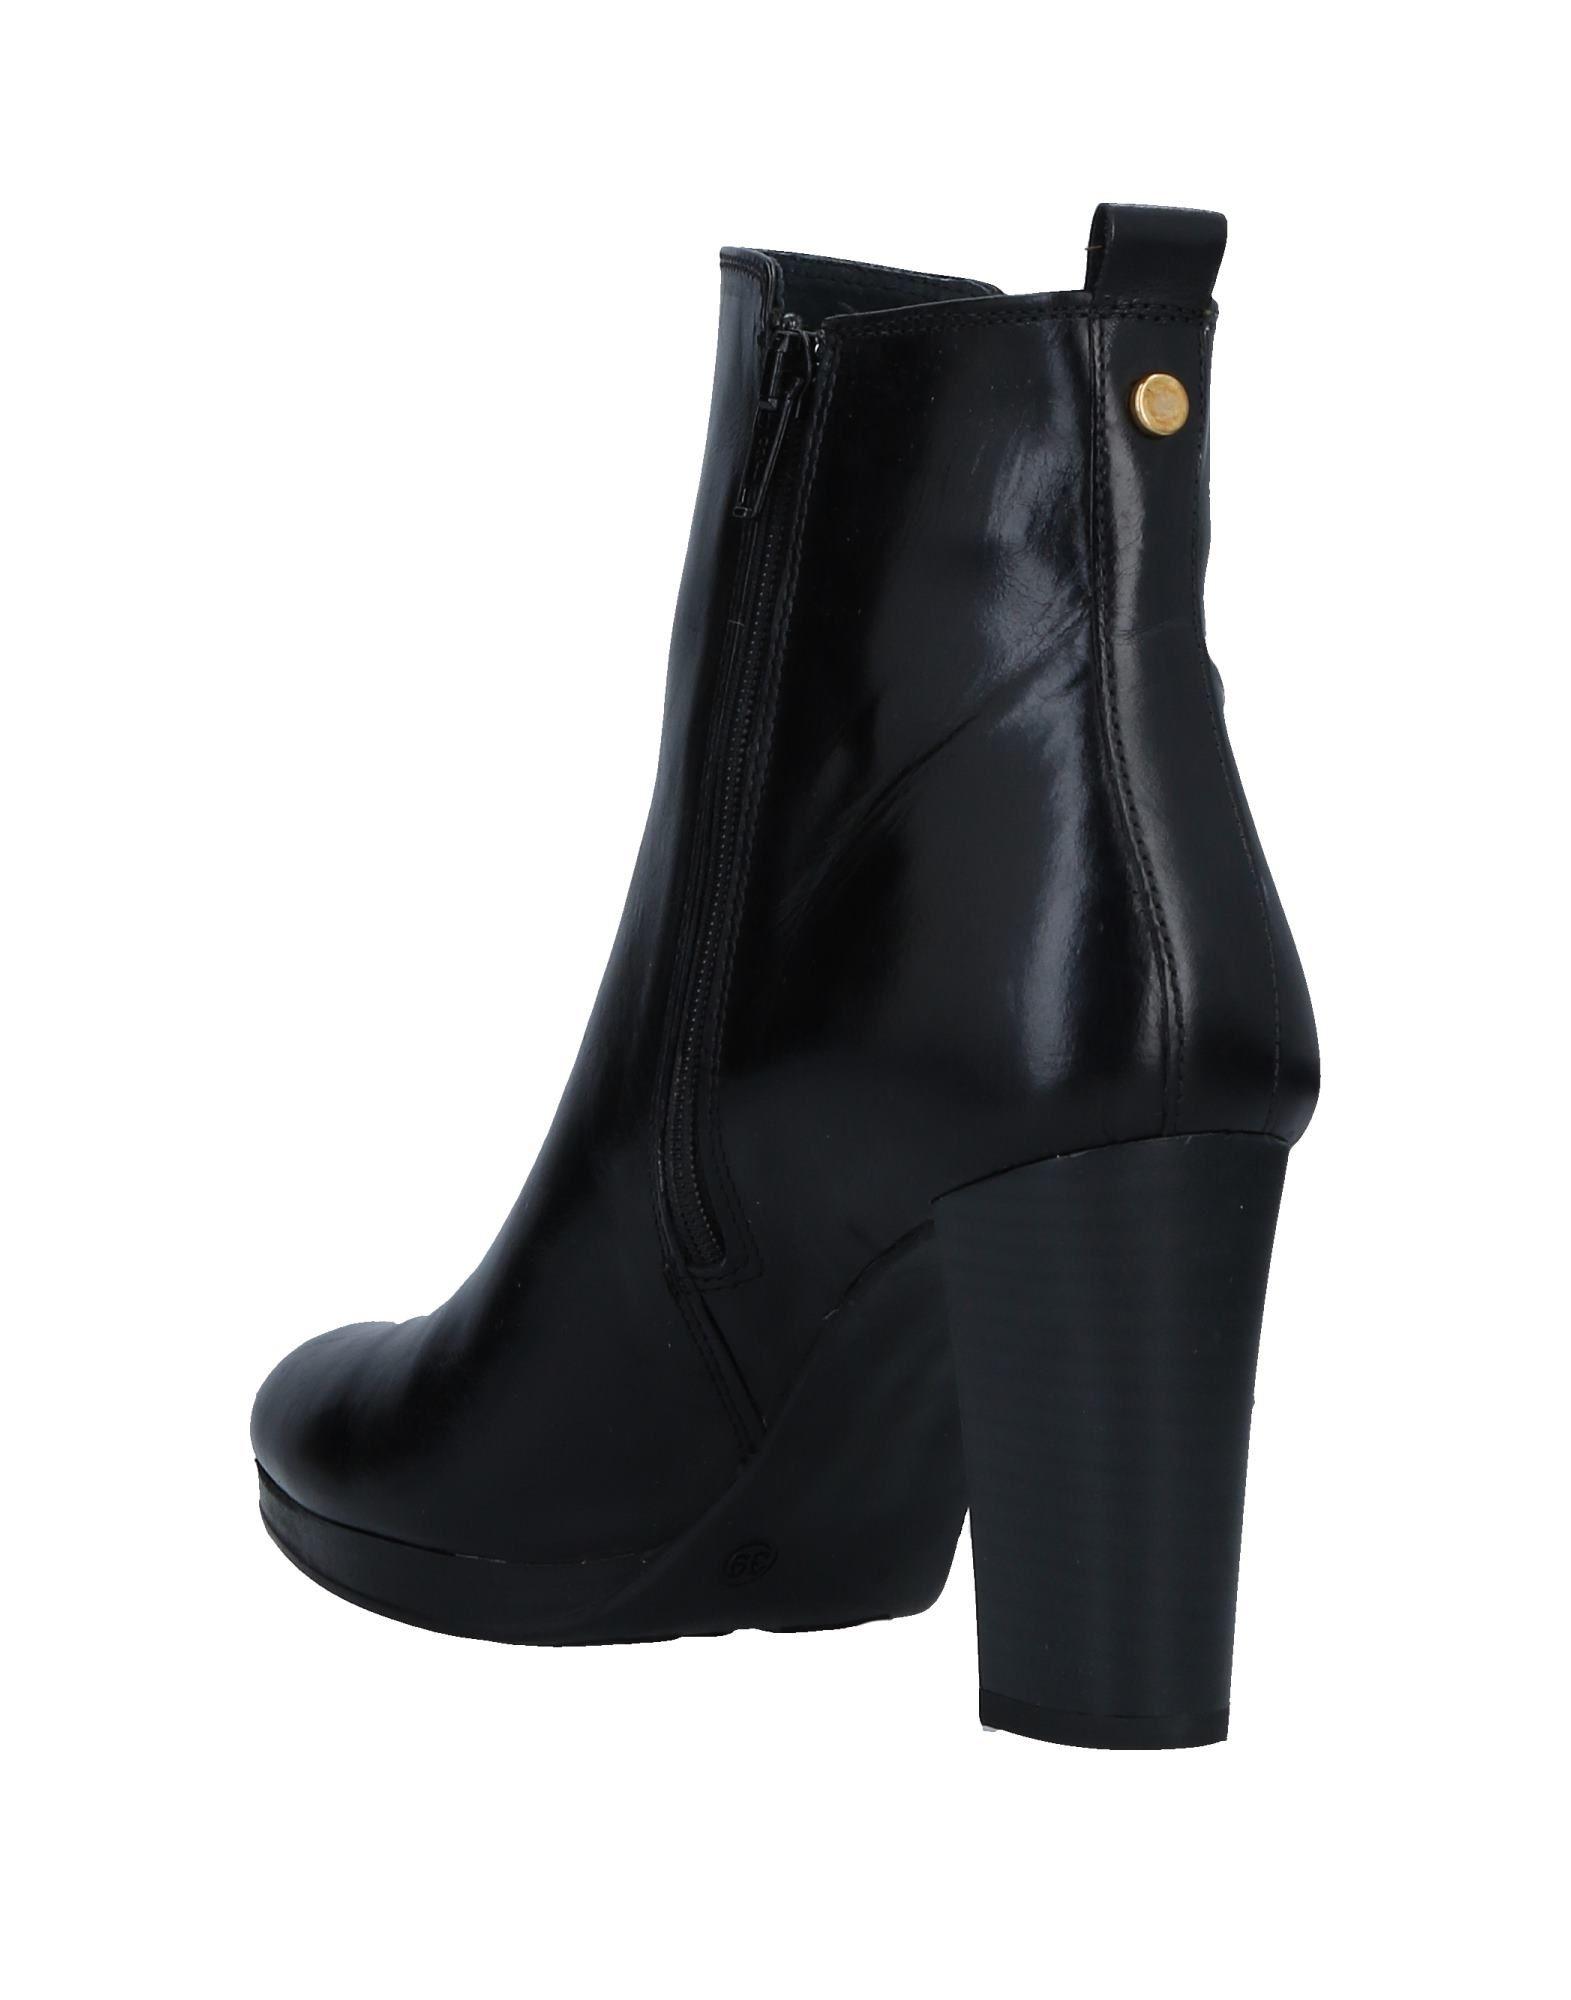 Gut um Picino billige Schuhe zu tragenGiorgio Picino um Stiefelette Damen  11522590SK 50d4b4